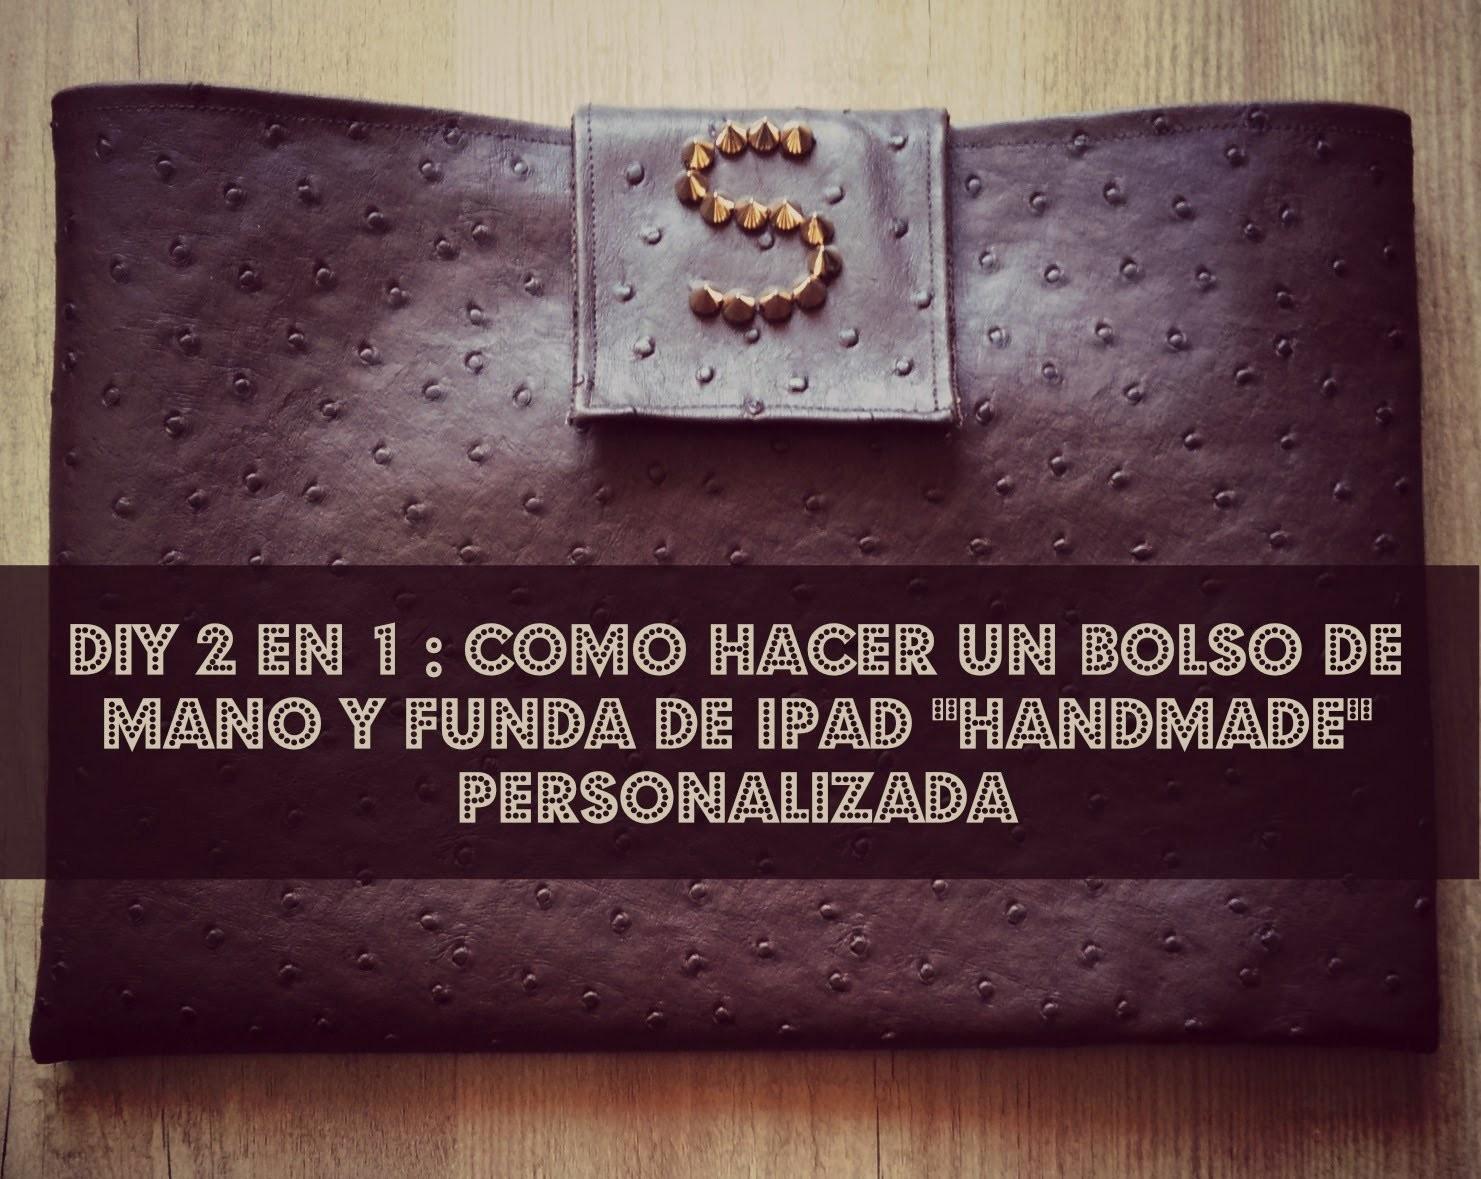 DIY 2 en 1 : Como hacer un clutch. funda de tablet personalizada